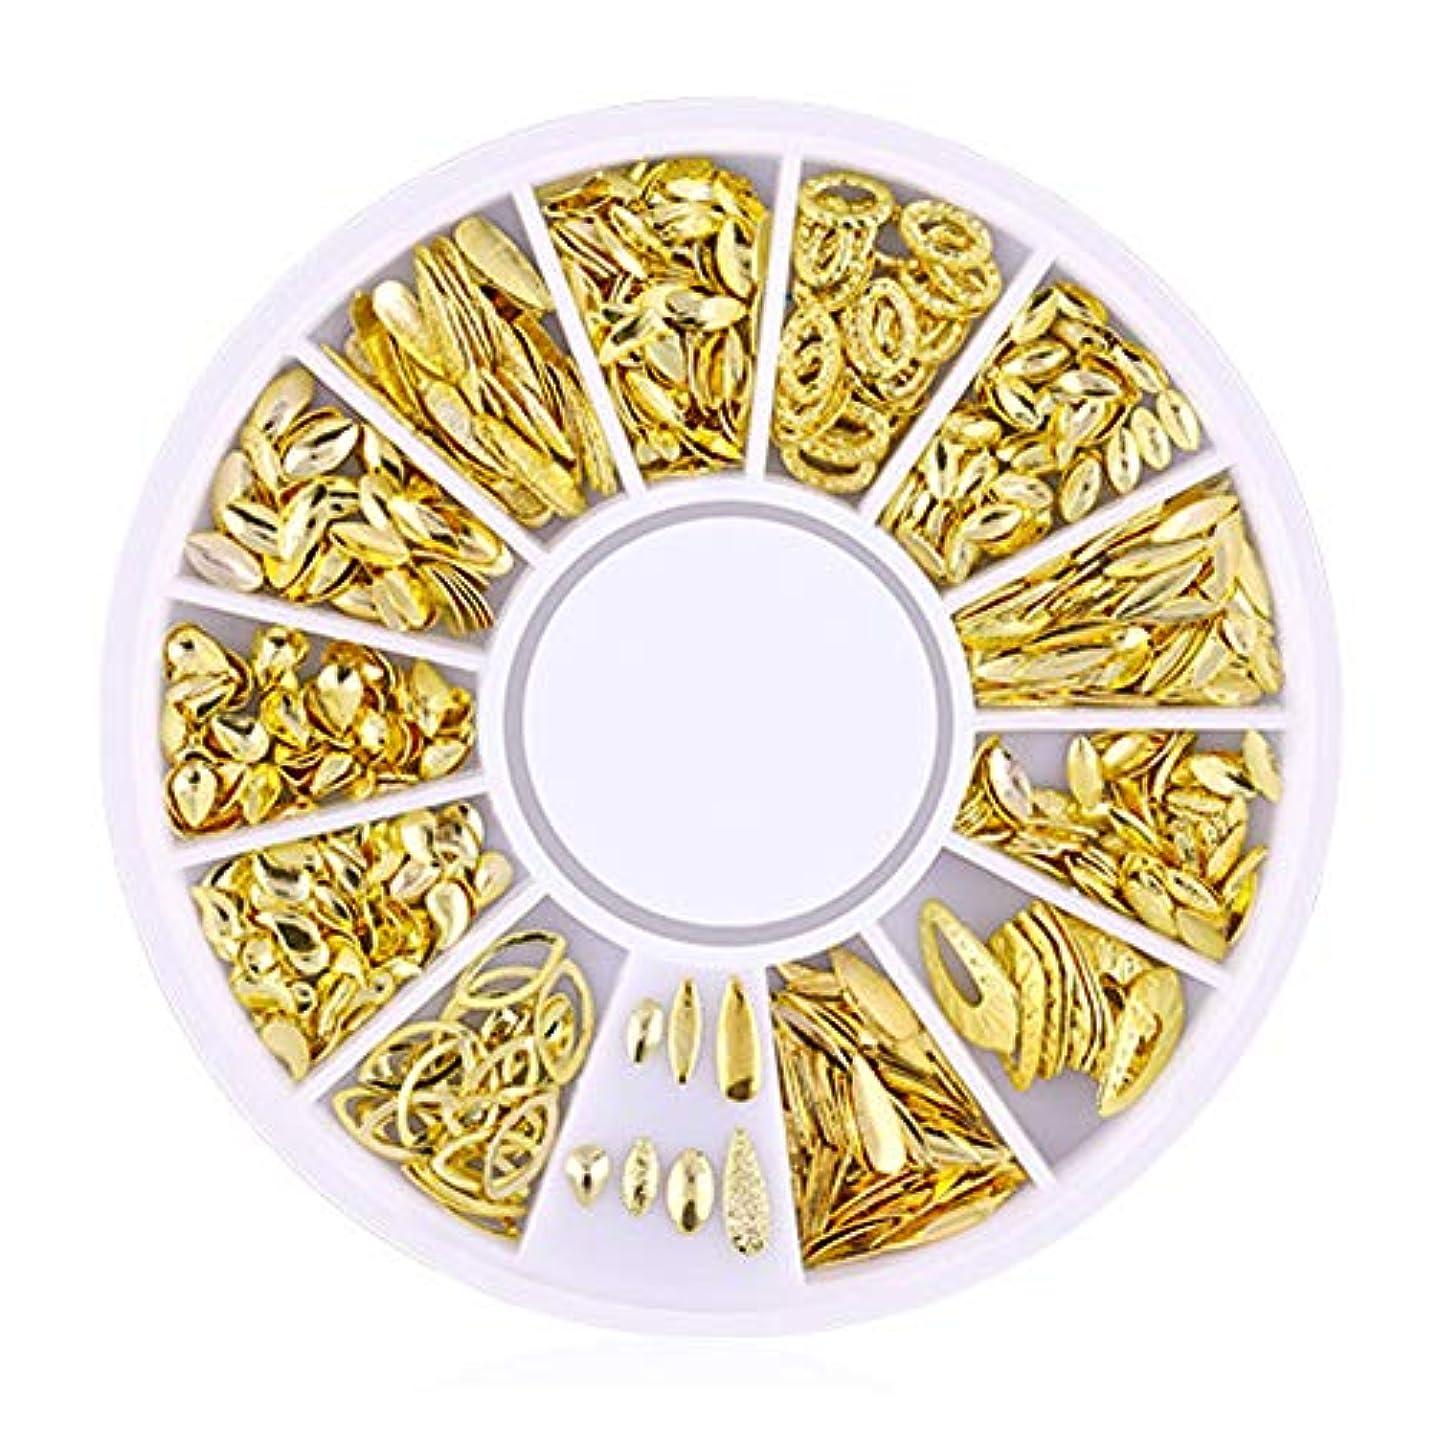 ギターさせるSnner 3D ネイルパーツ メタル ゴールド ハート 星 月 花 蝶結び 幾何風 12種形 ネイルデコレーション 円型ケース入リ ピンクケース 200点セット (幾何風2)